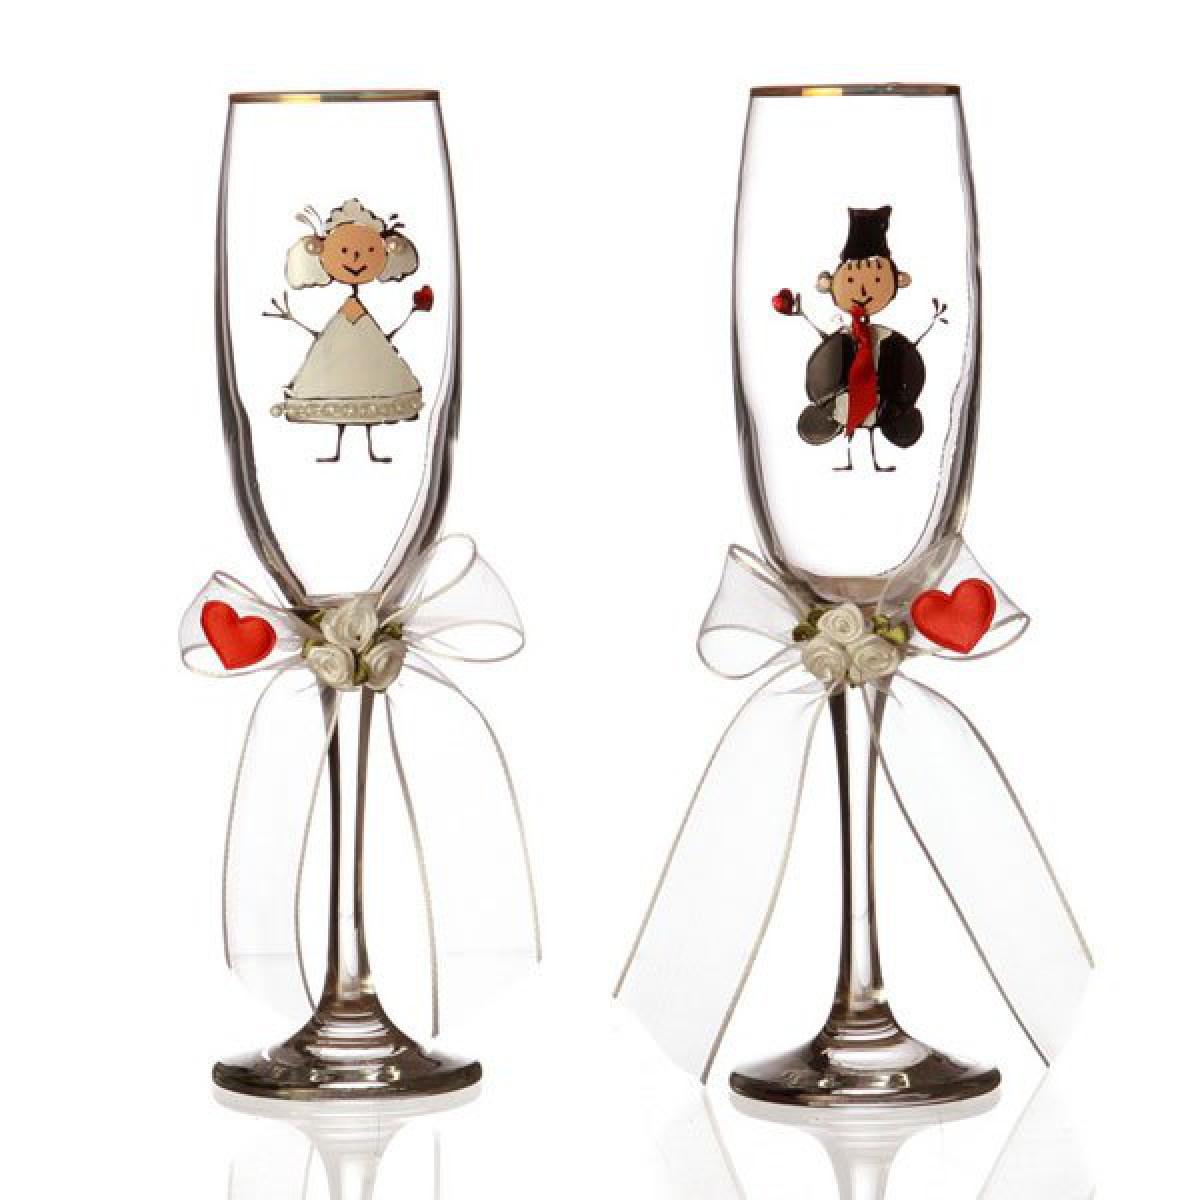 Как оформить бокалы для свадьбы своими руками